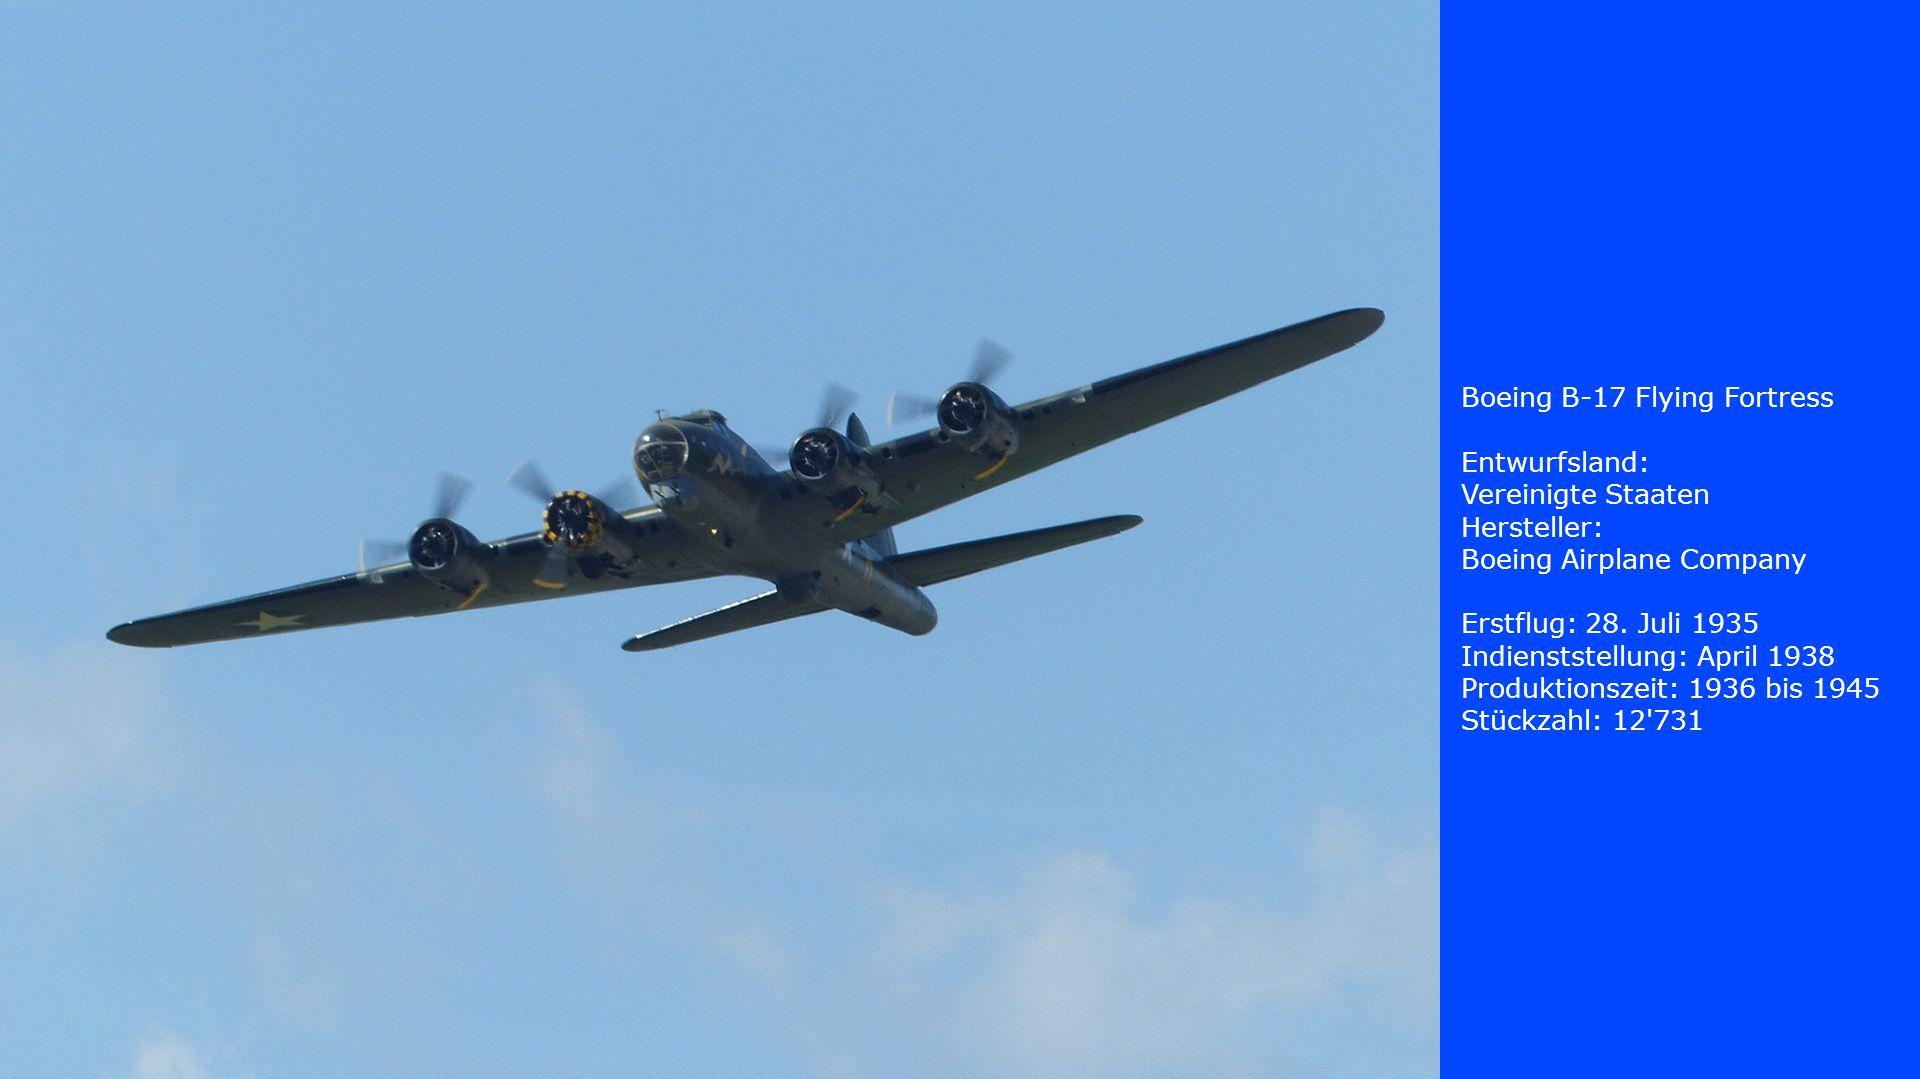 Boeing B-17 Flying Fortress Entwurfsland: Vereinigte Staaten Hersteller: Boeing Airplane Company Erstflug: 28. Juli 1935 Indienststellung: April 1938